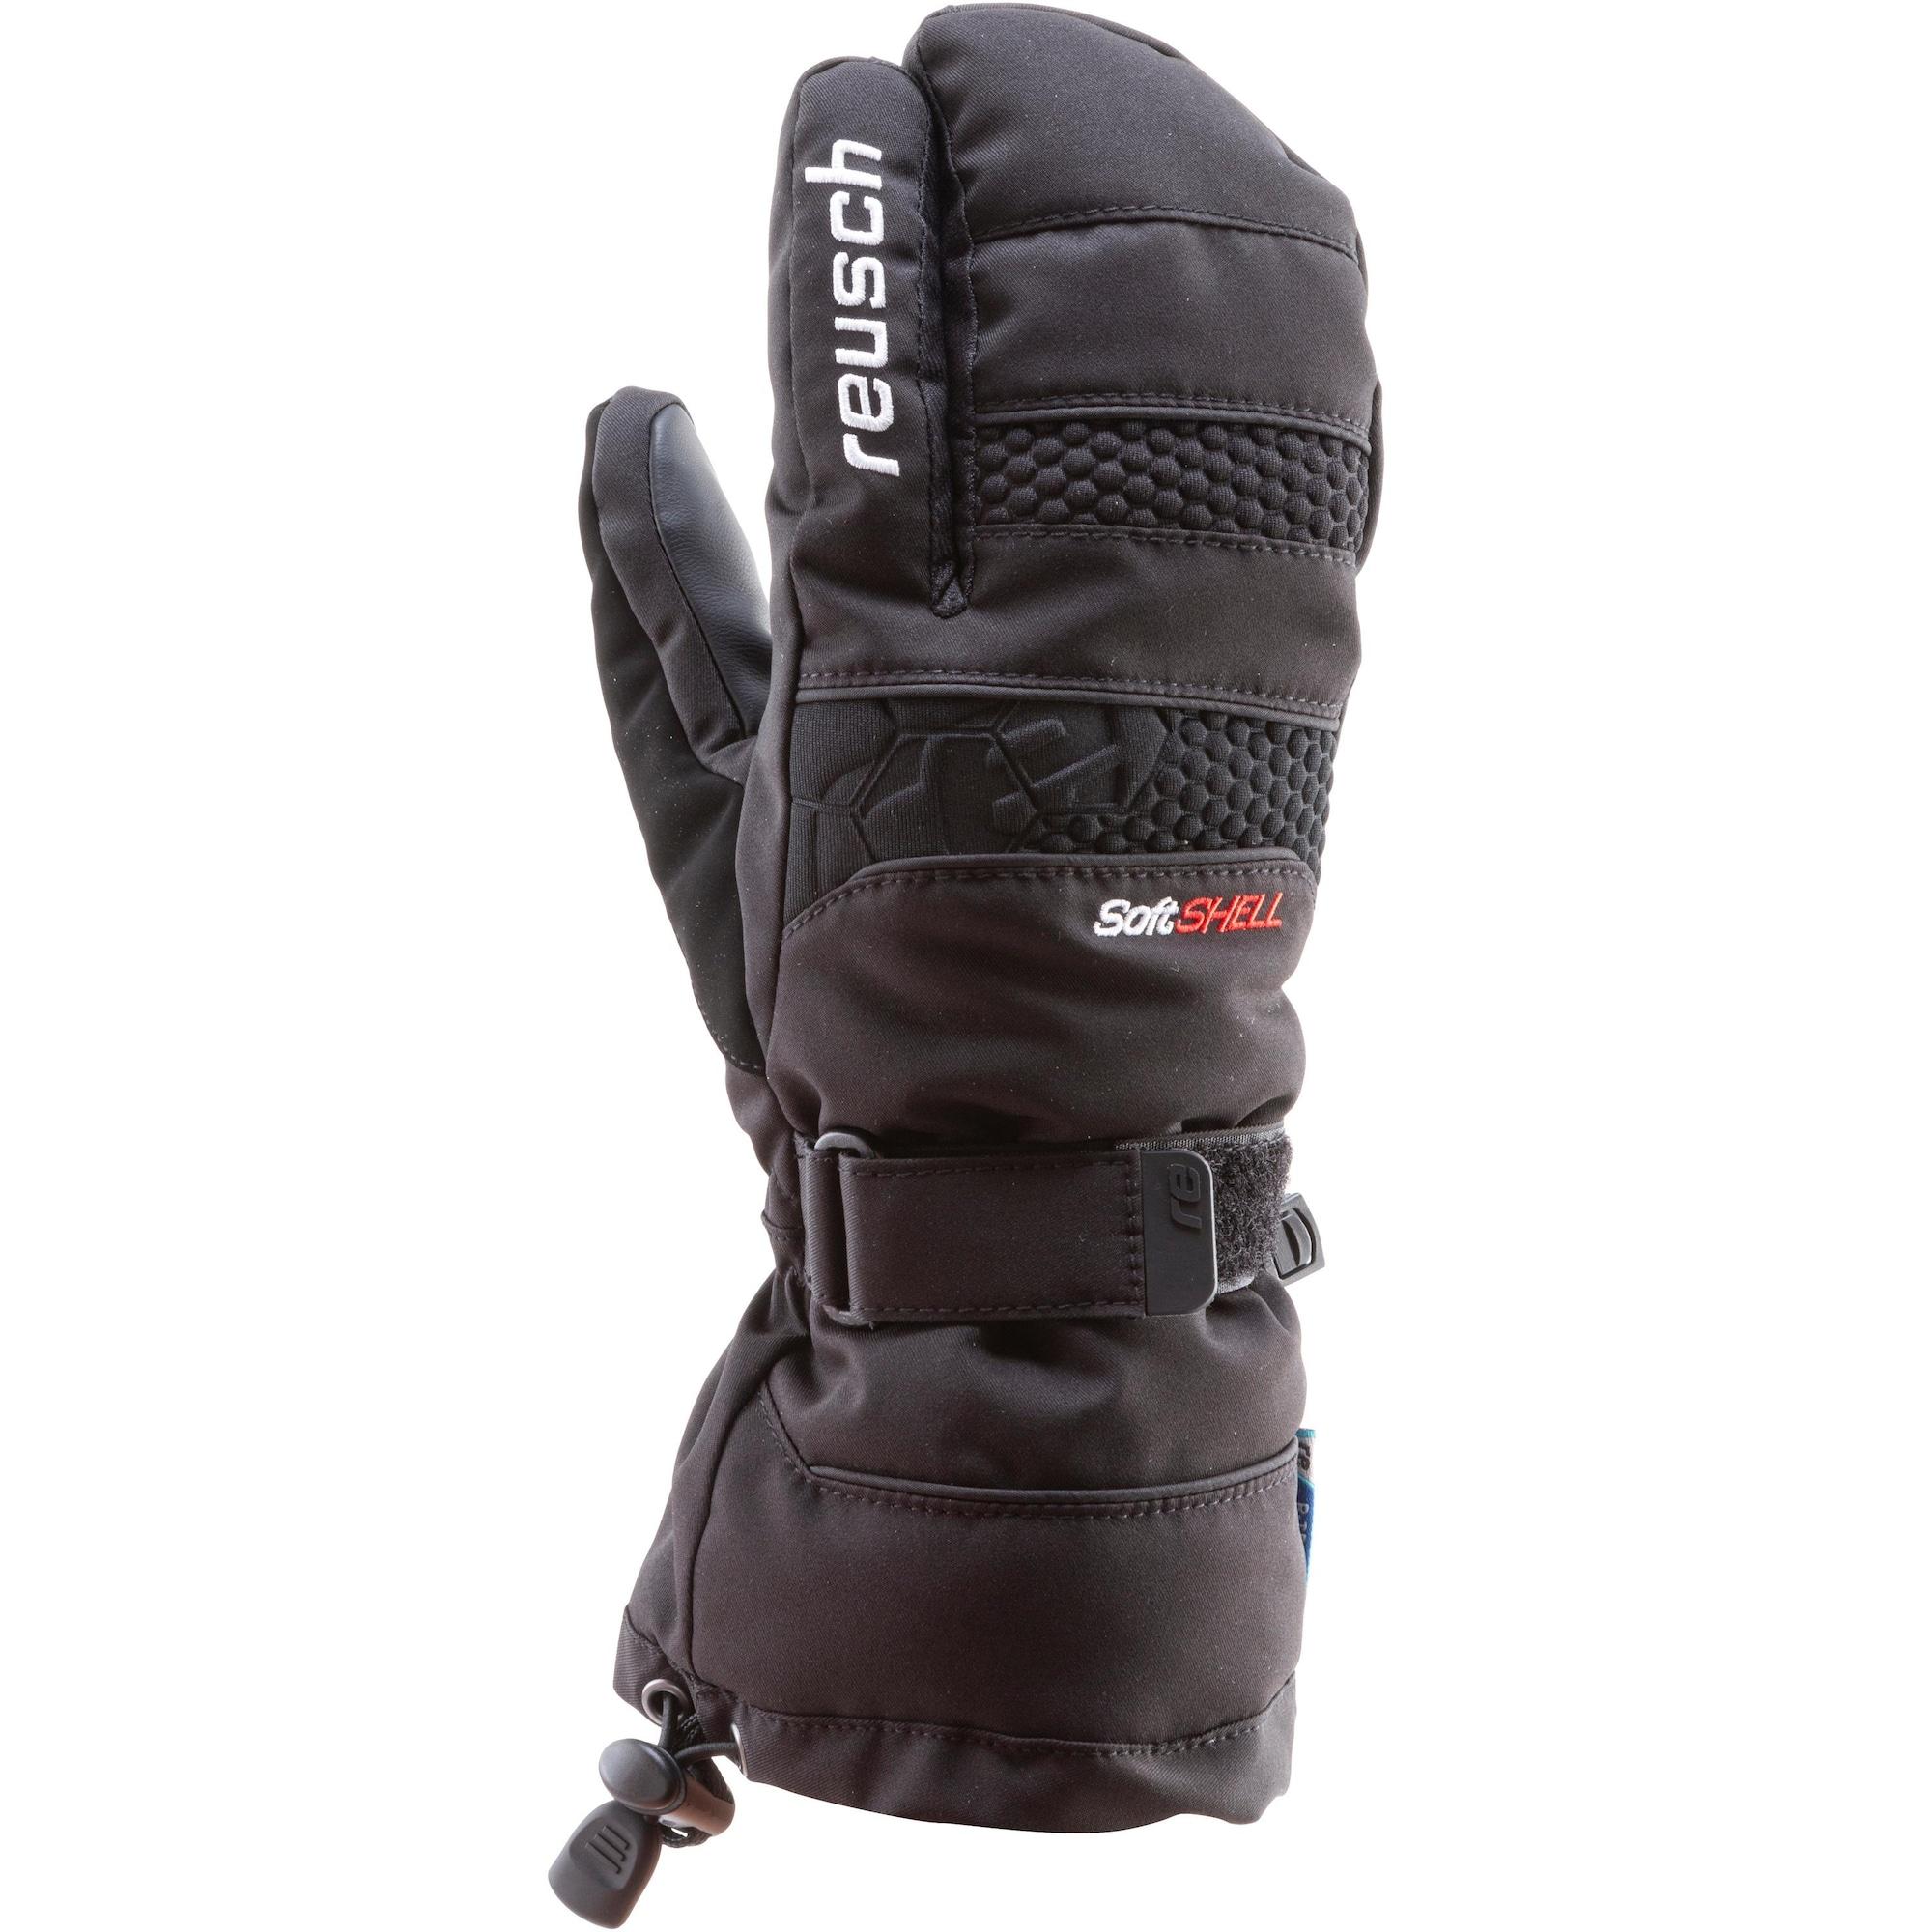 Fäustlinge 'Connor' | Accessoires > Handschuhe > Fäustlinge | Schwarz | REUSCH